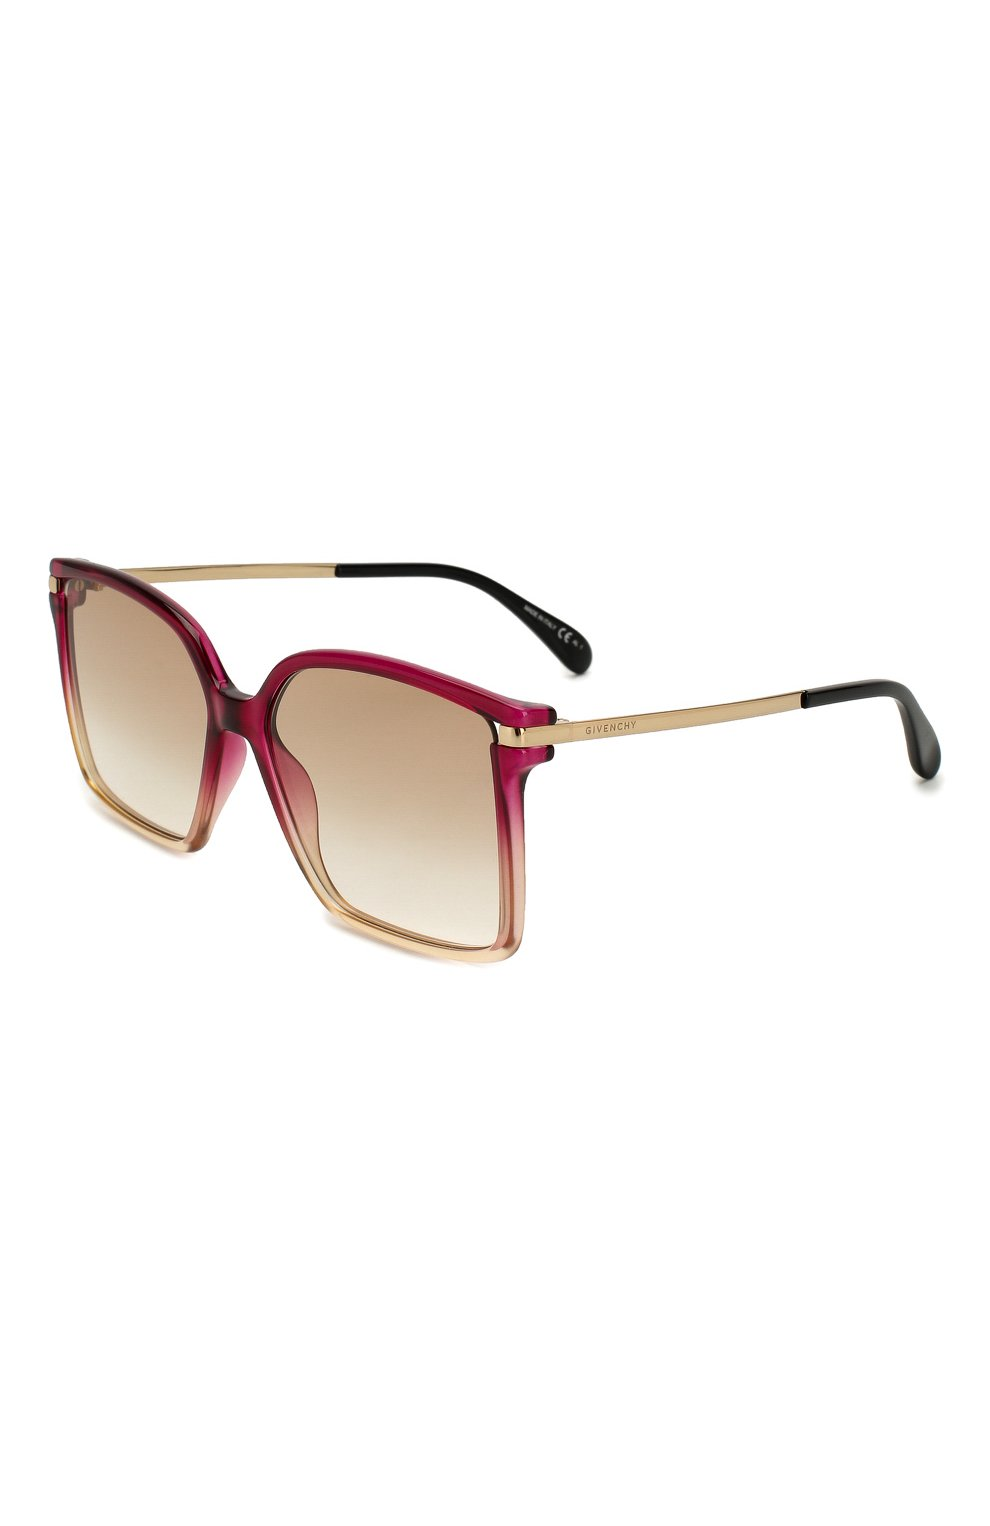 Женские солнцезащитные очки GIVENCHY красного цвета, арт. 7130 3R7   Фото 1